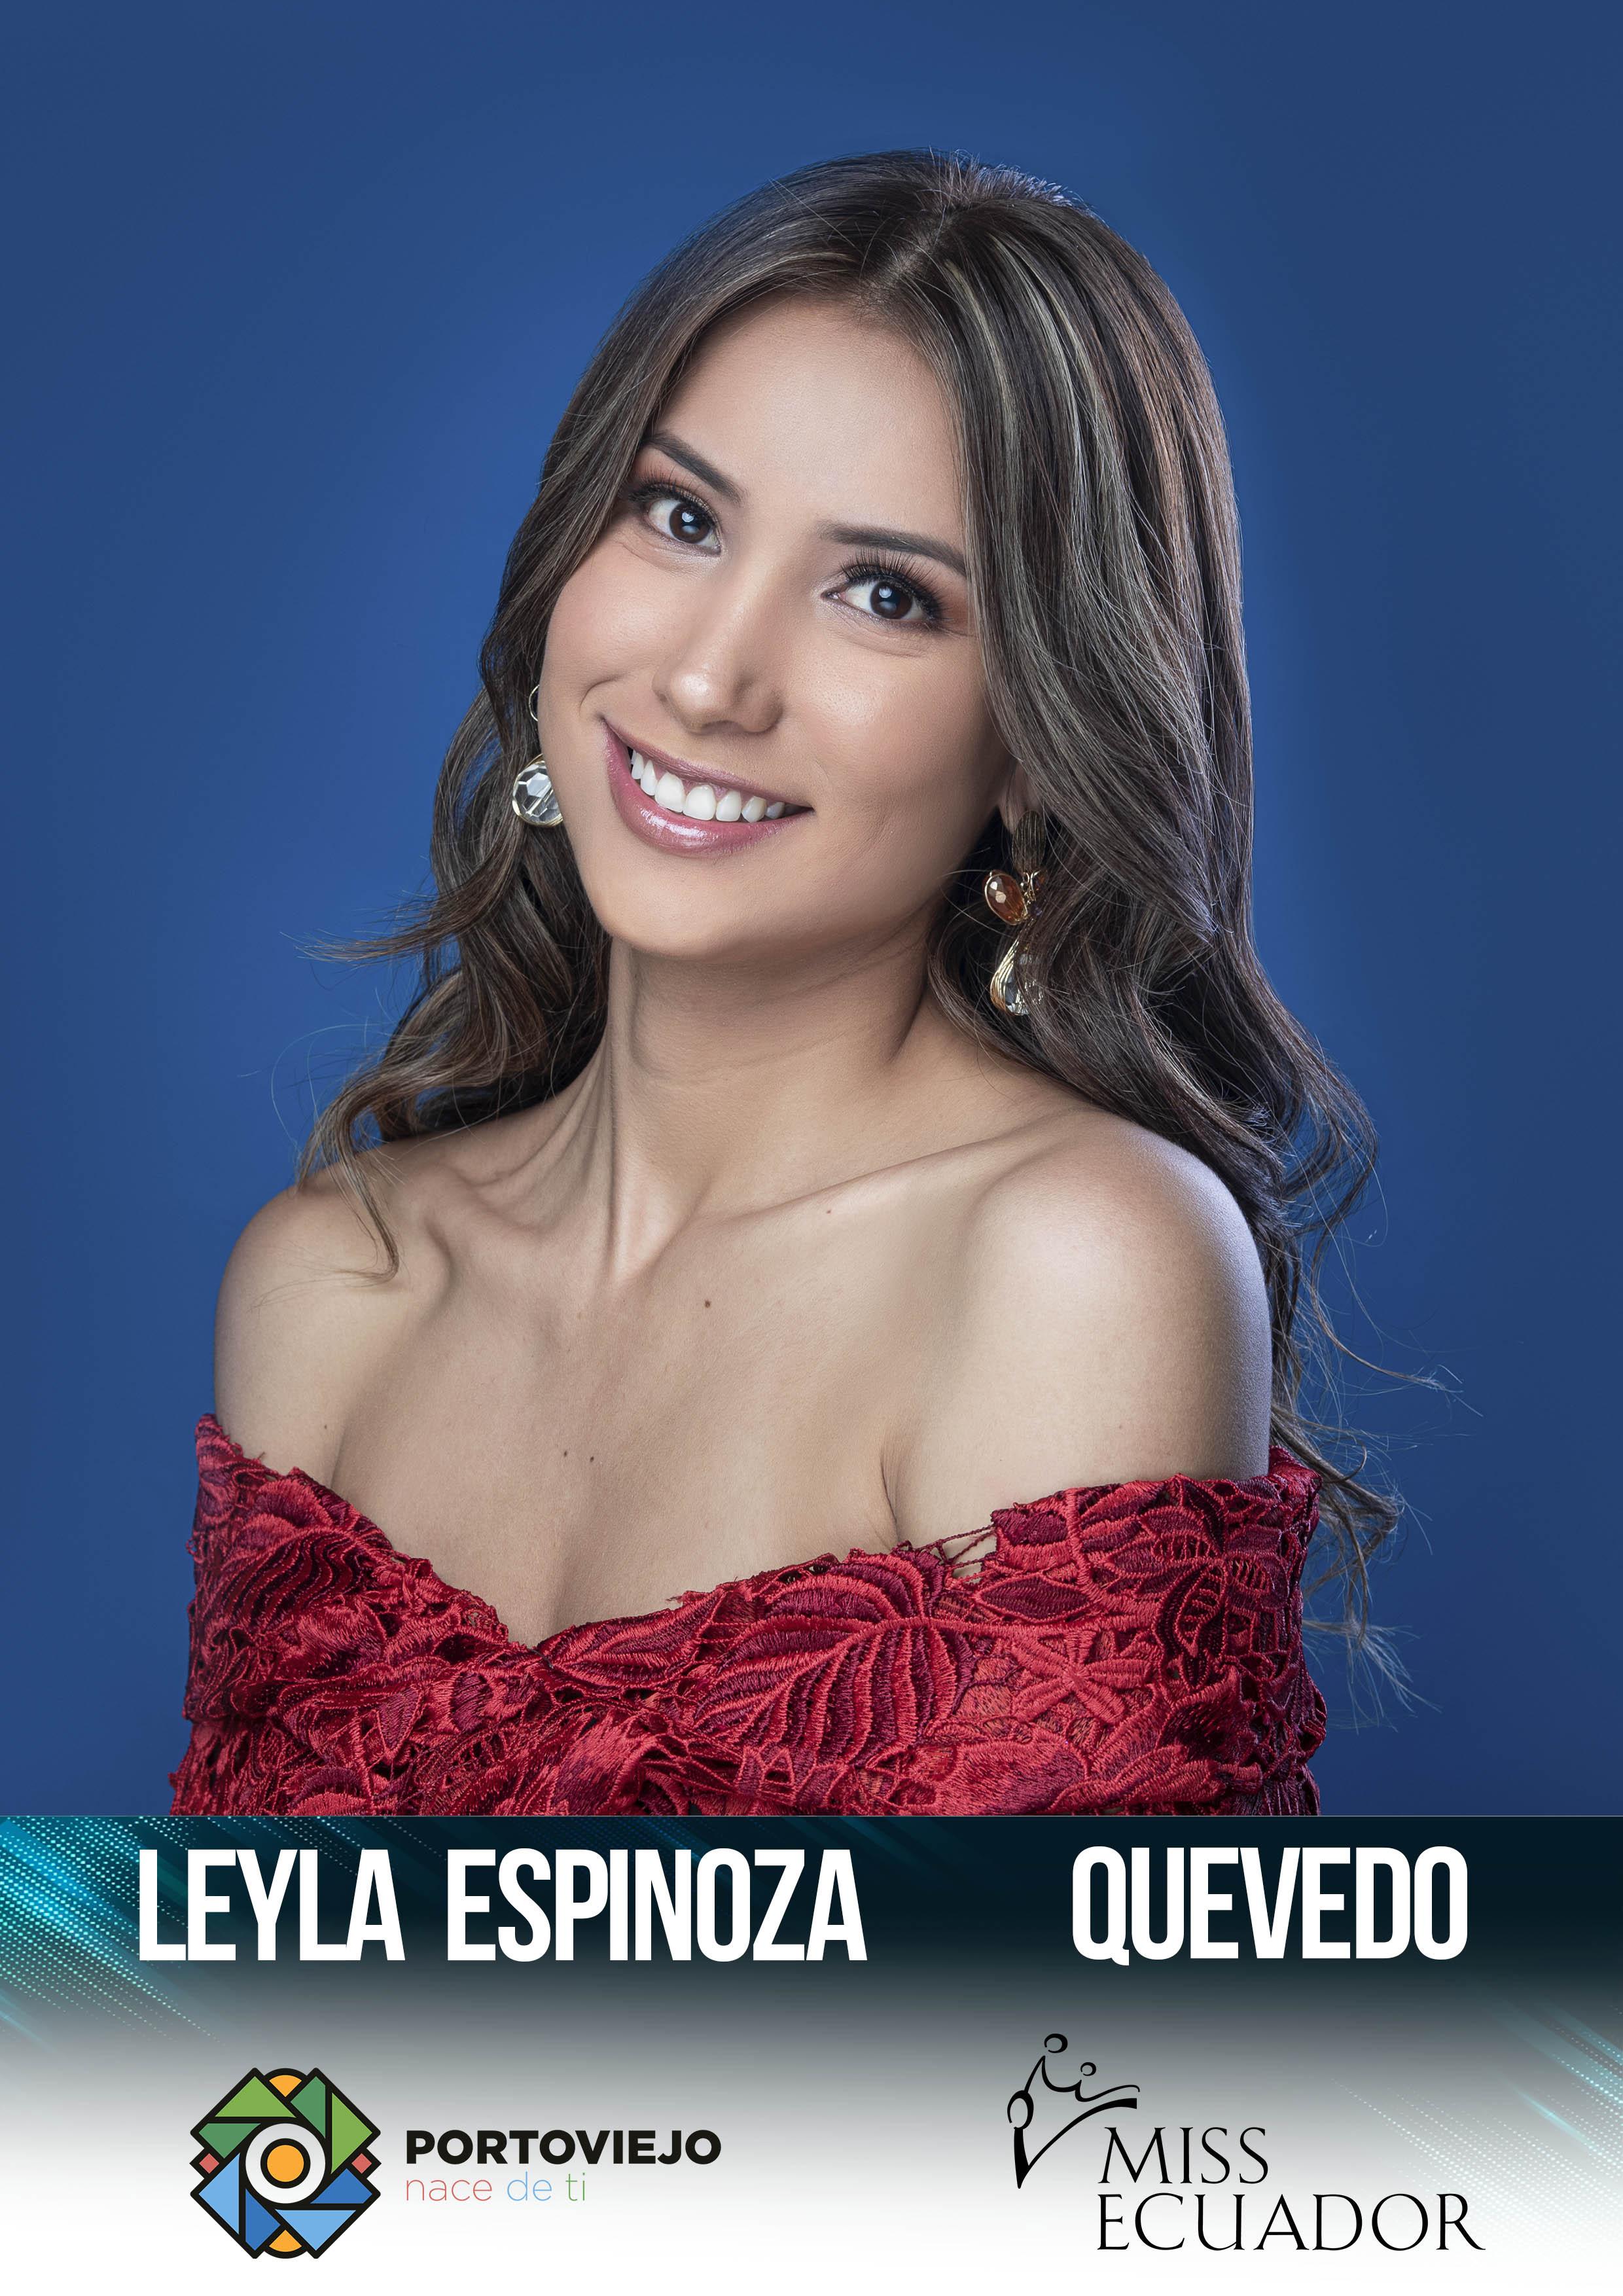 Miss Ecuador 2020 17-leyla_espinoza.2